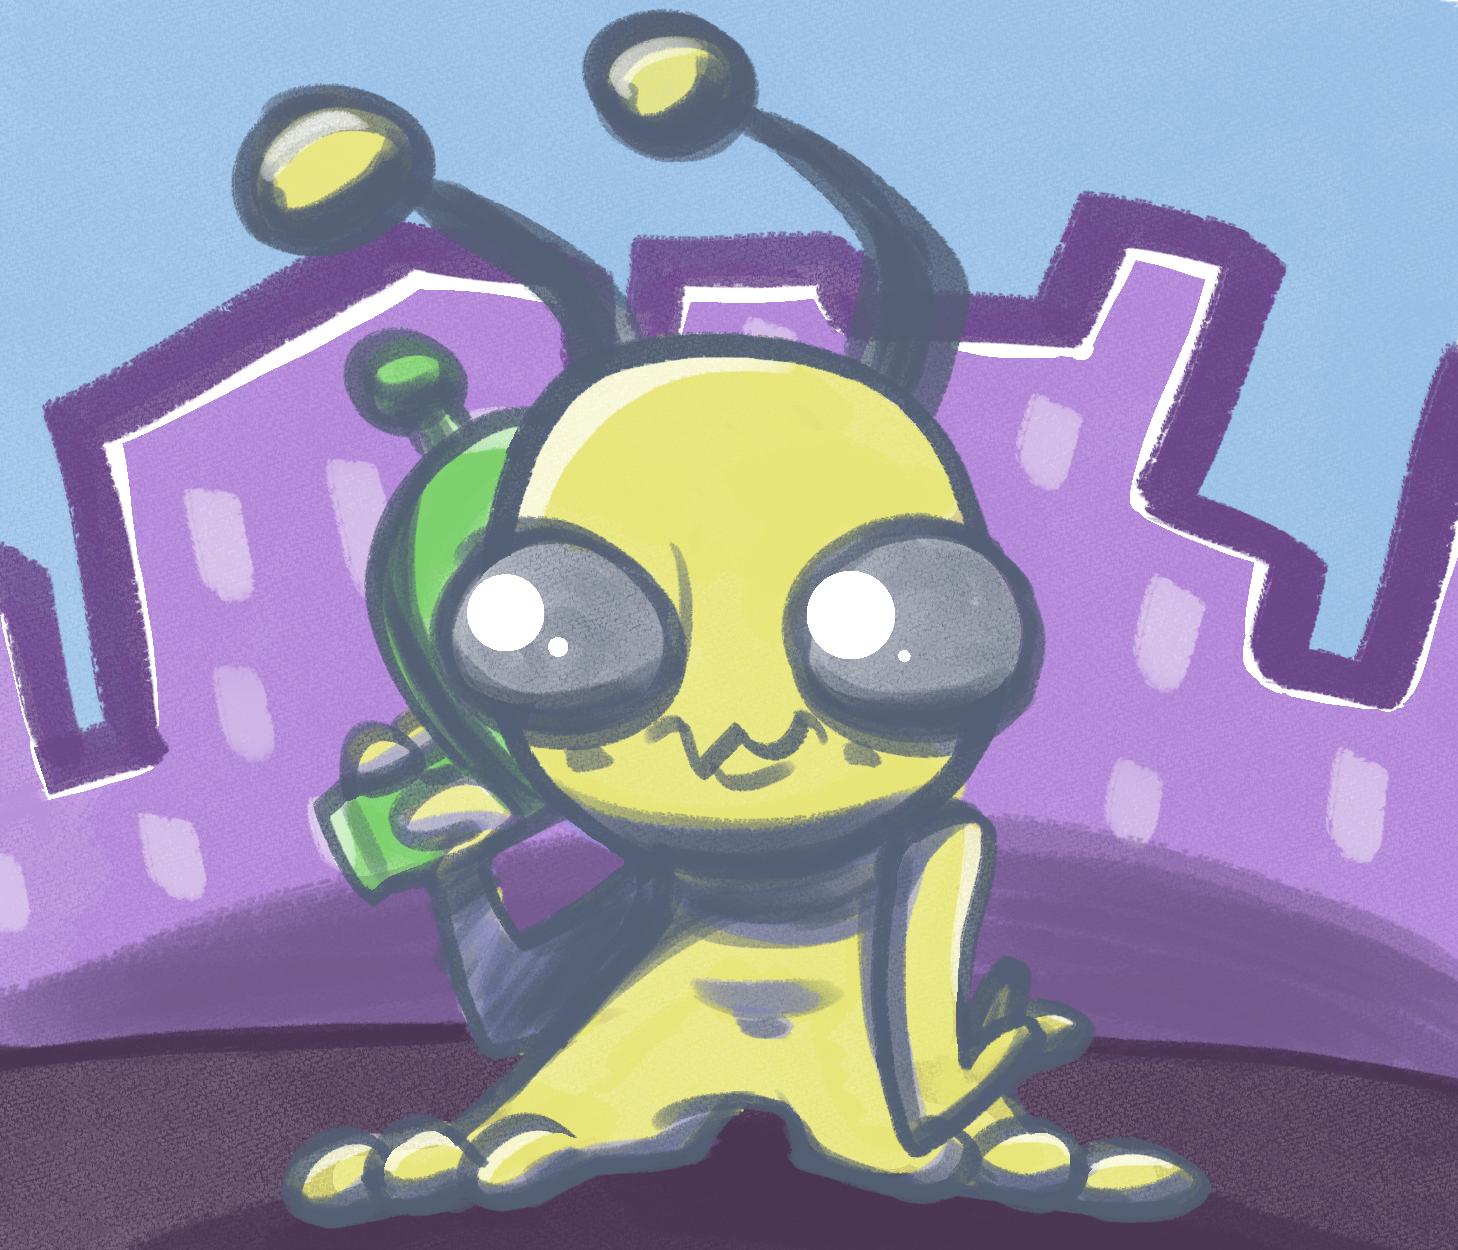 Alien Hominid again